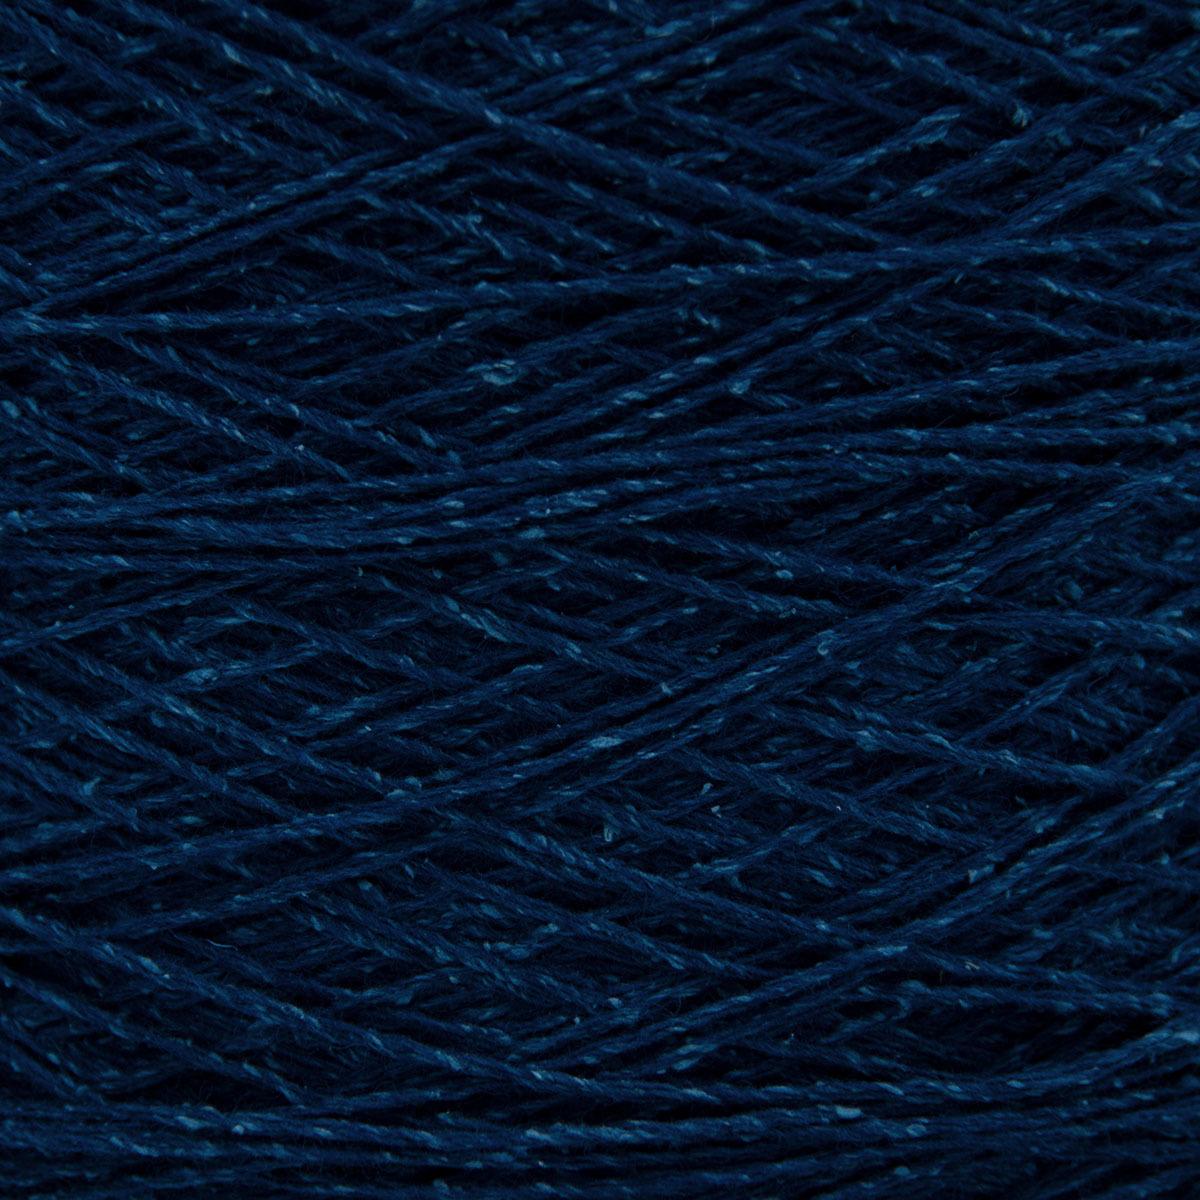 Knoll Yarns Samarkand (двойной) - 132